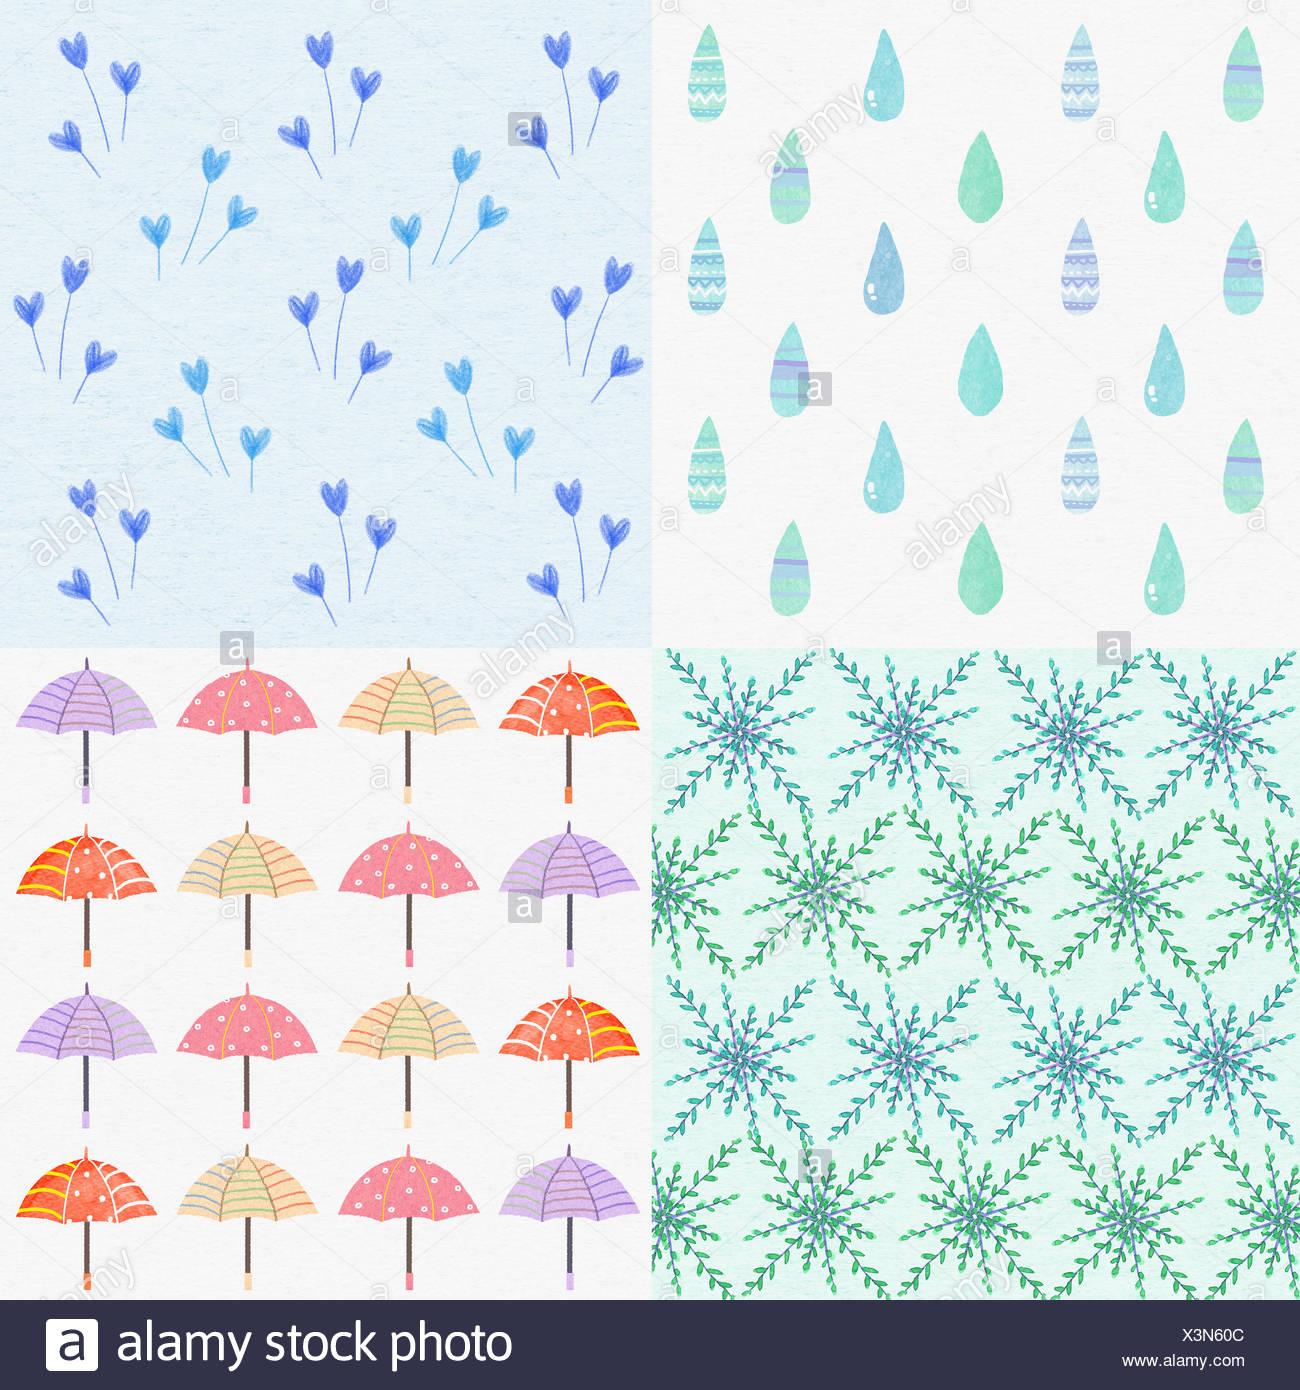 Drops Patterns Unique Ideas